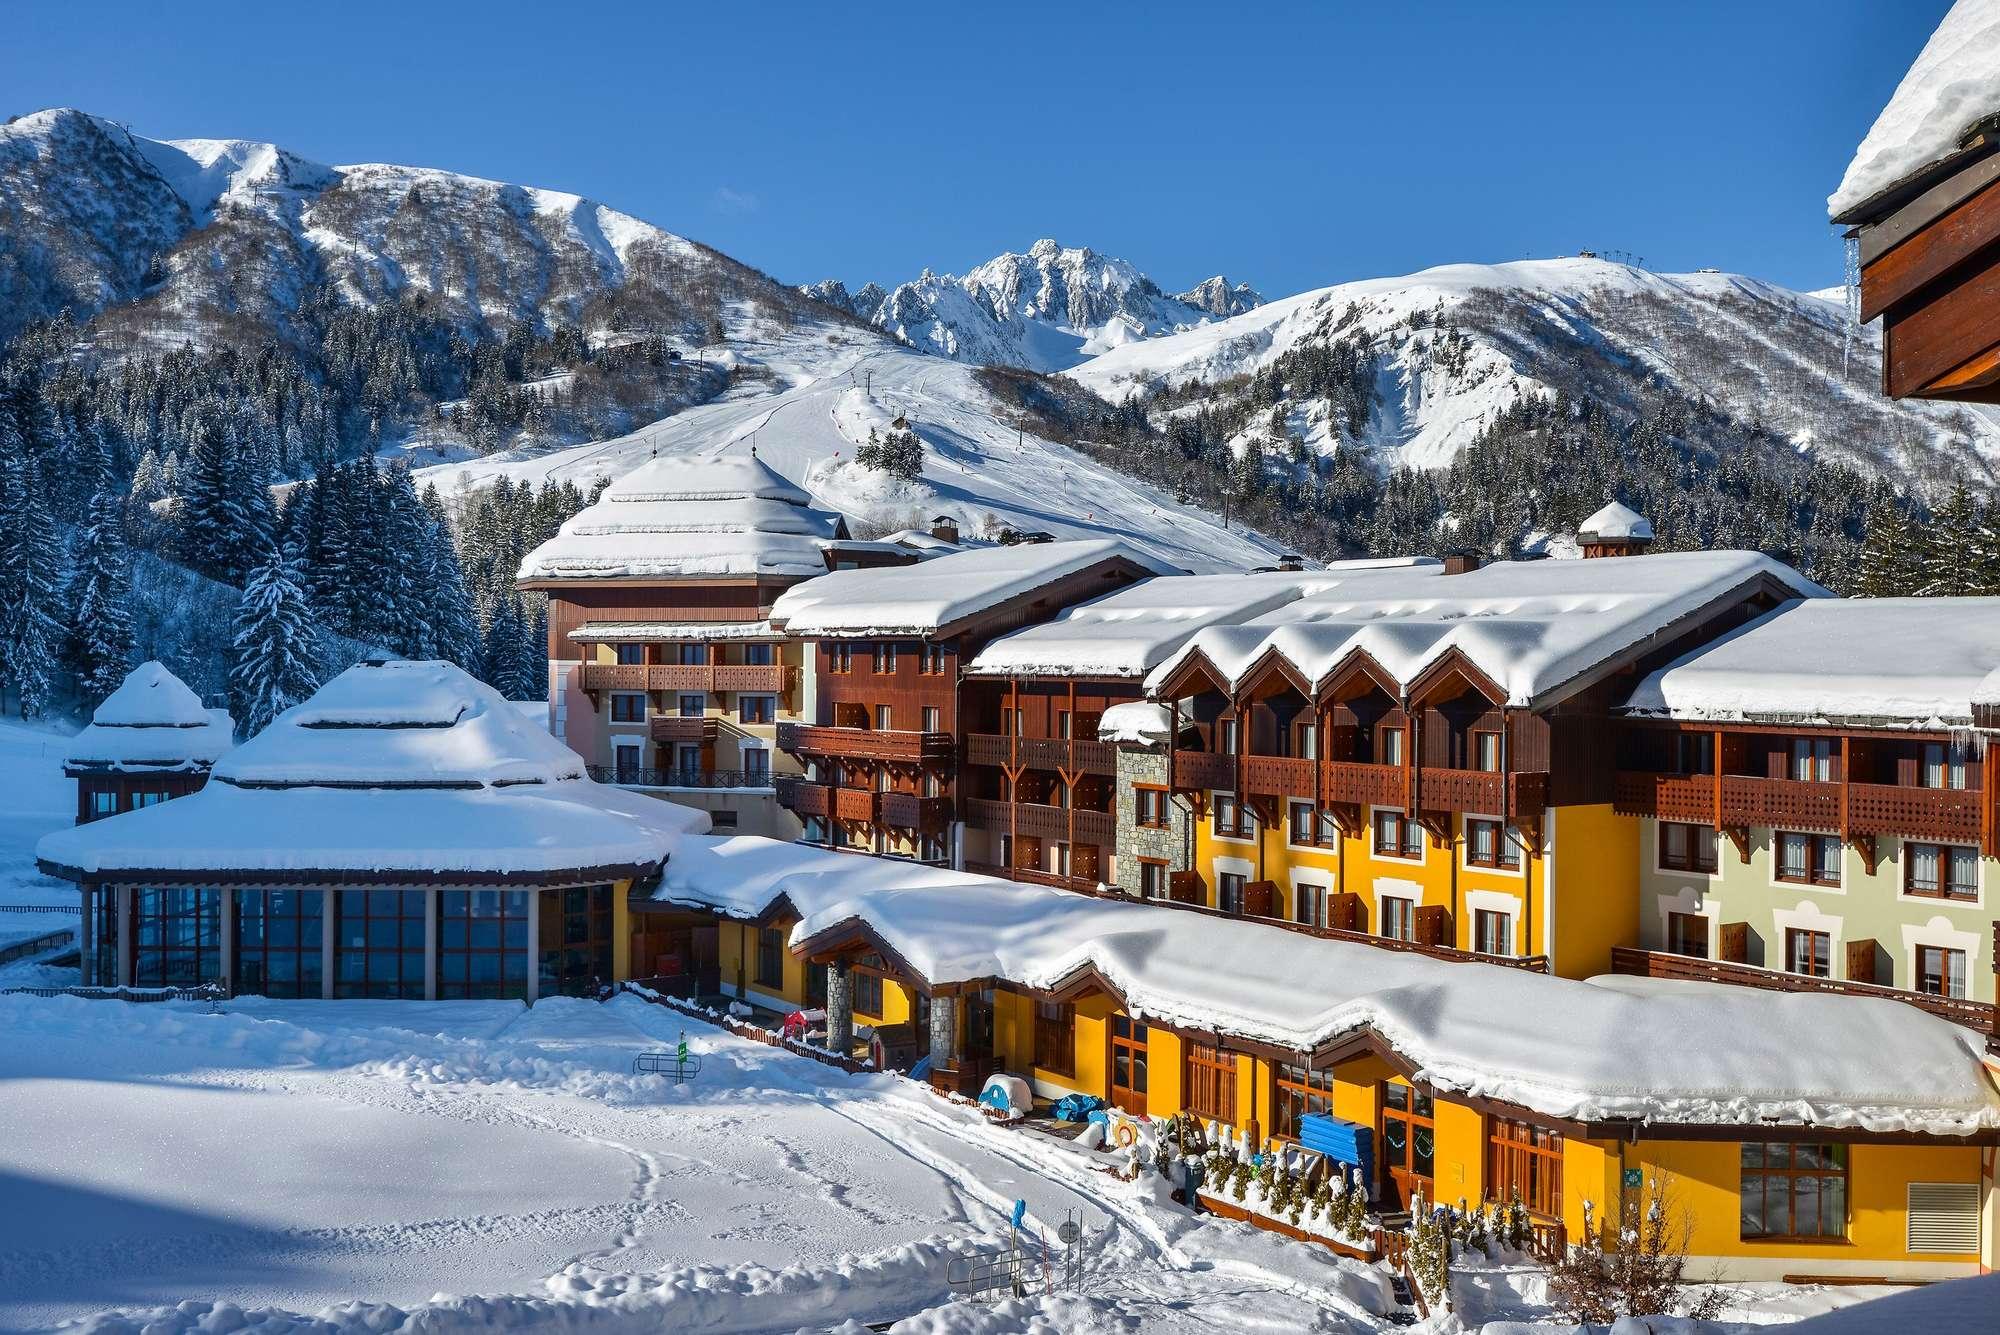 Resort Club Med de Valmorel. Foto retirada do site.